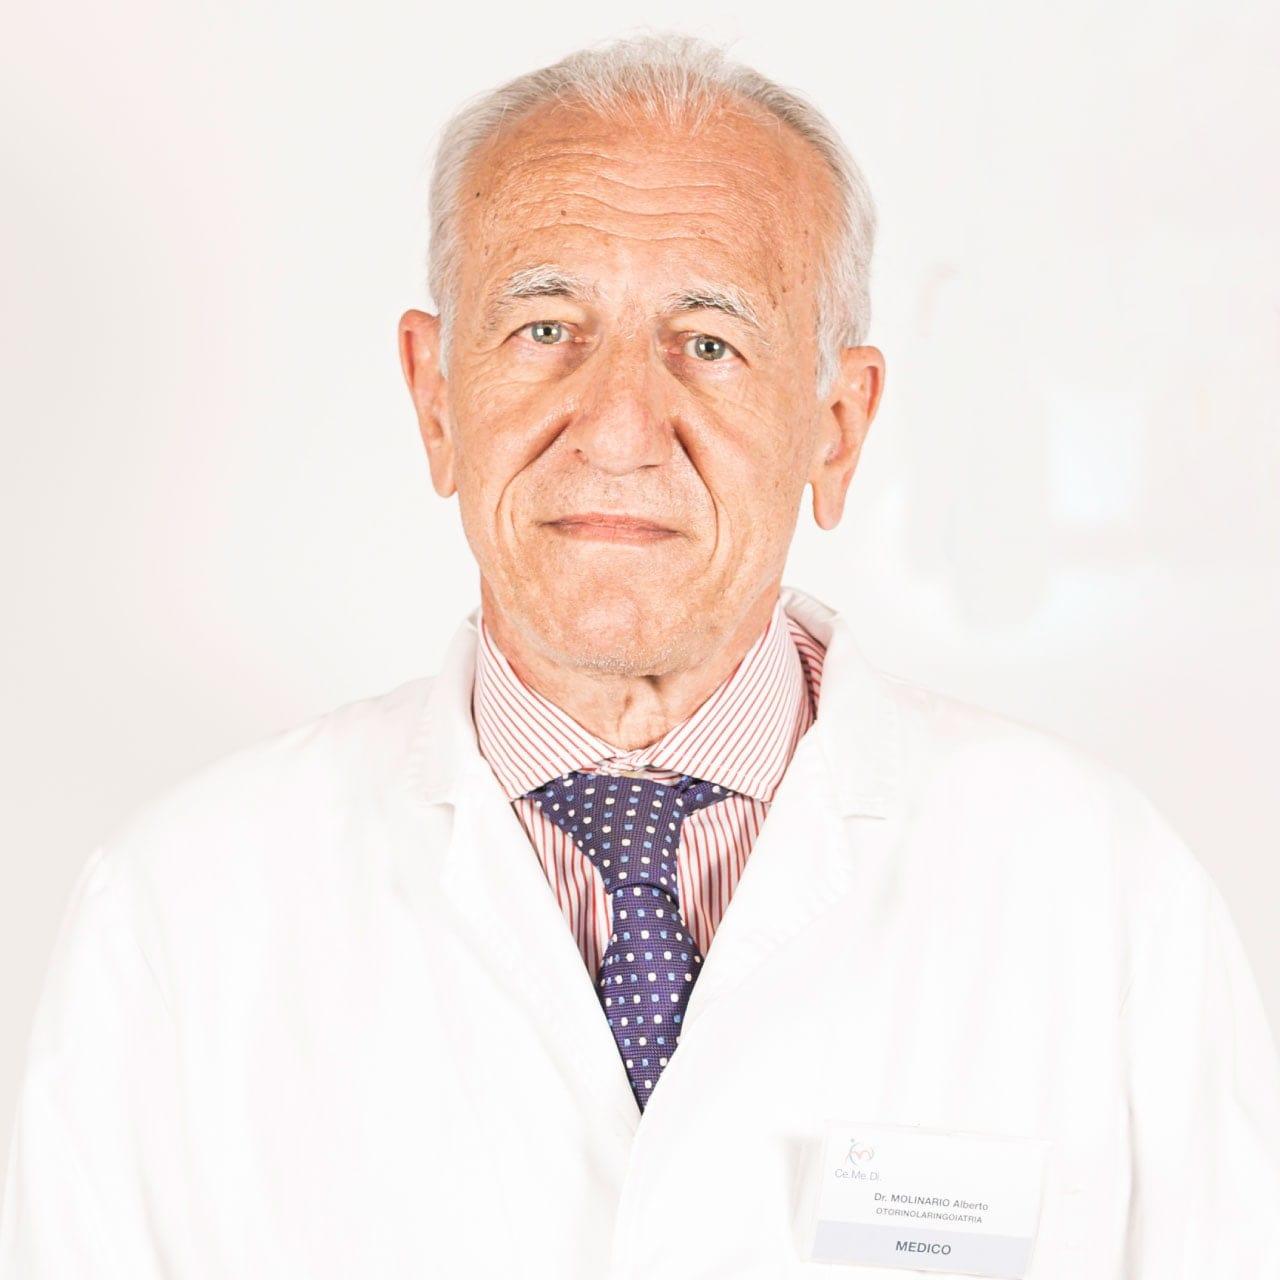 Molinaro Dott. Alberto